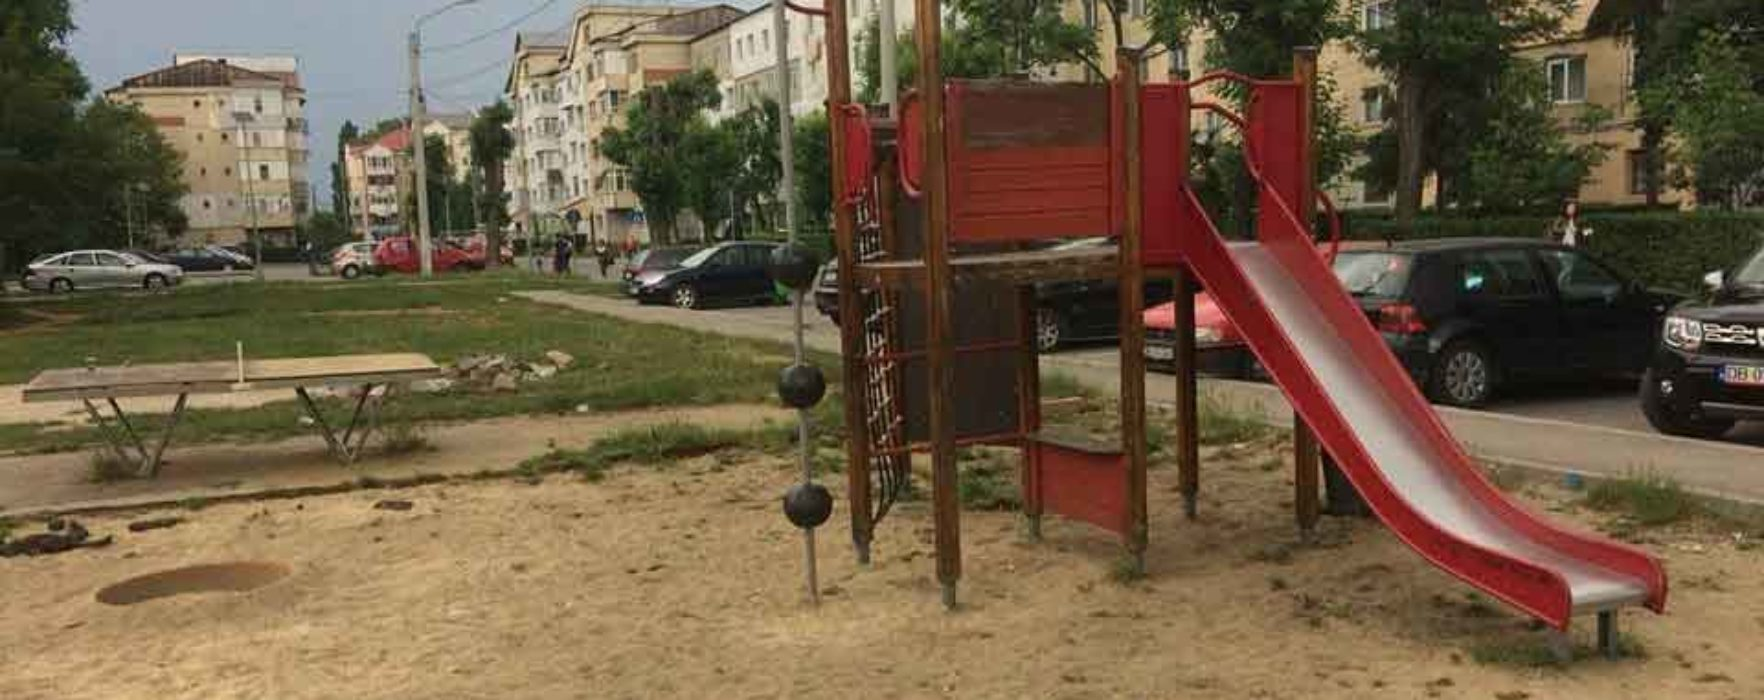 Târgovişte: Au debutat lucrările de reabilitare unui loc de joacă din micro 6